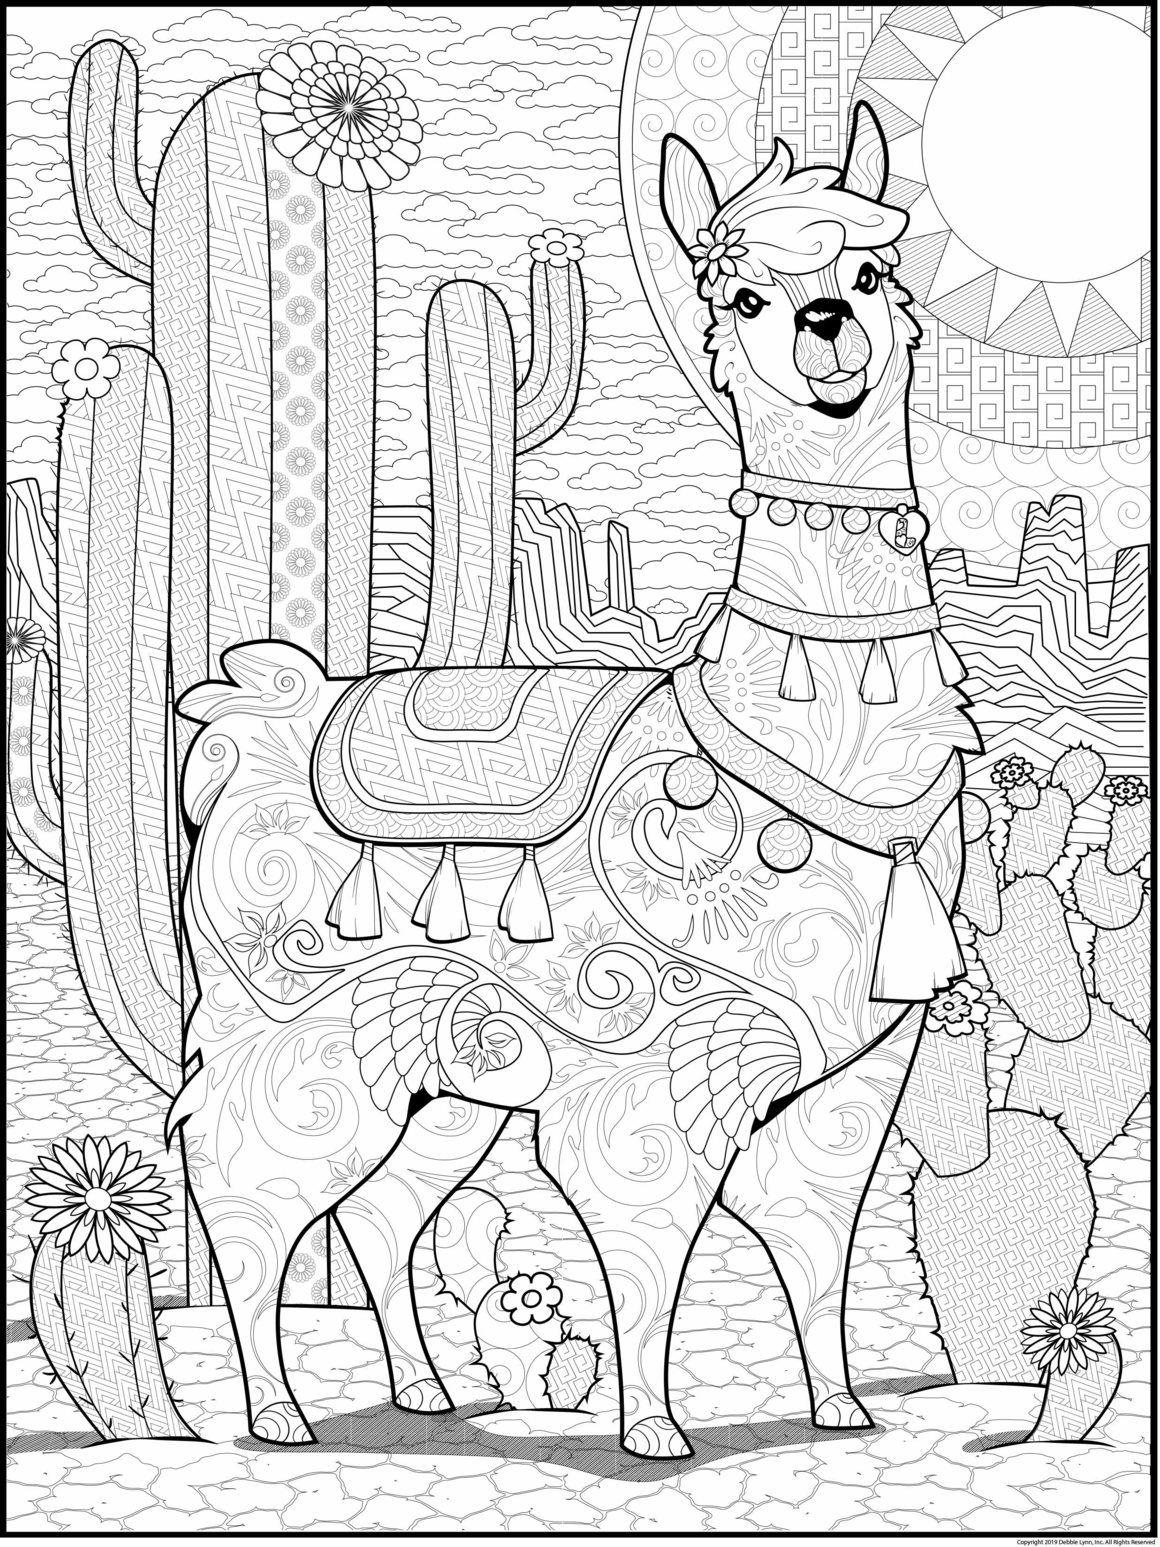 Jumbo Coloring Posters Debbie Lynn Animal Coloring Pages Space Coloring Pages Coloring Posters